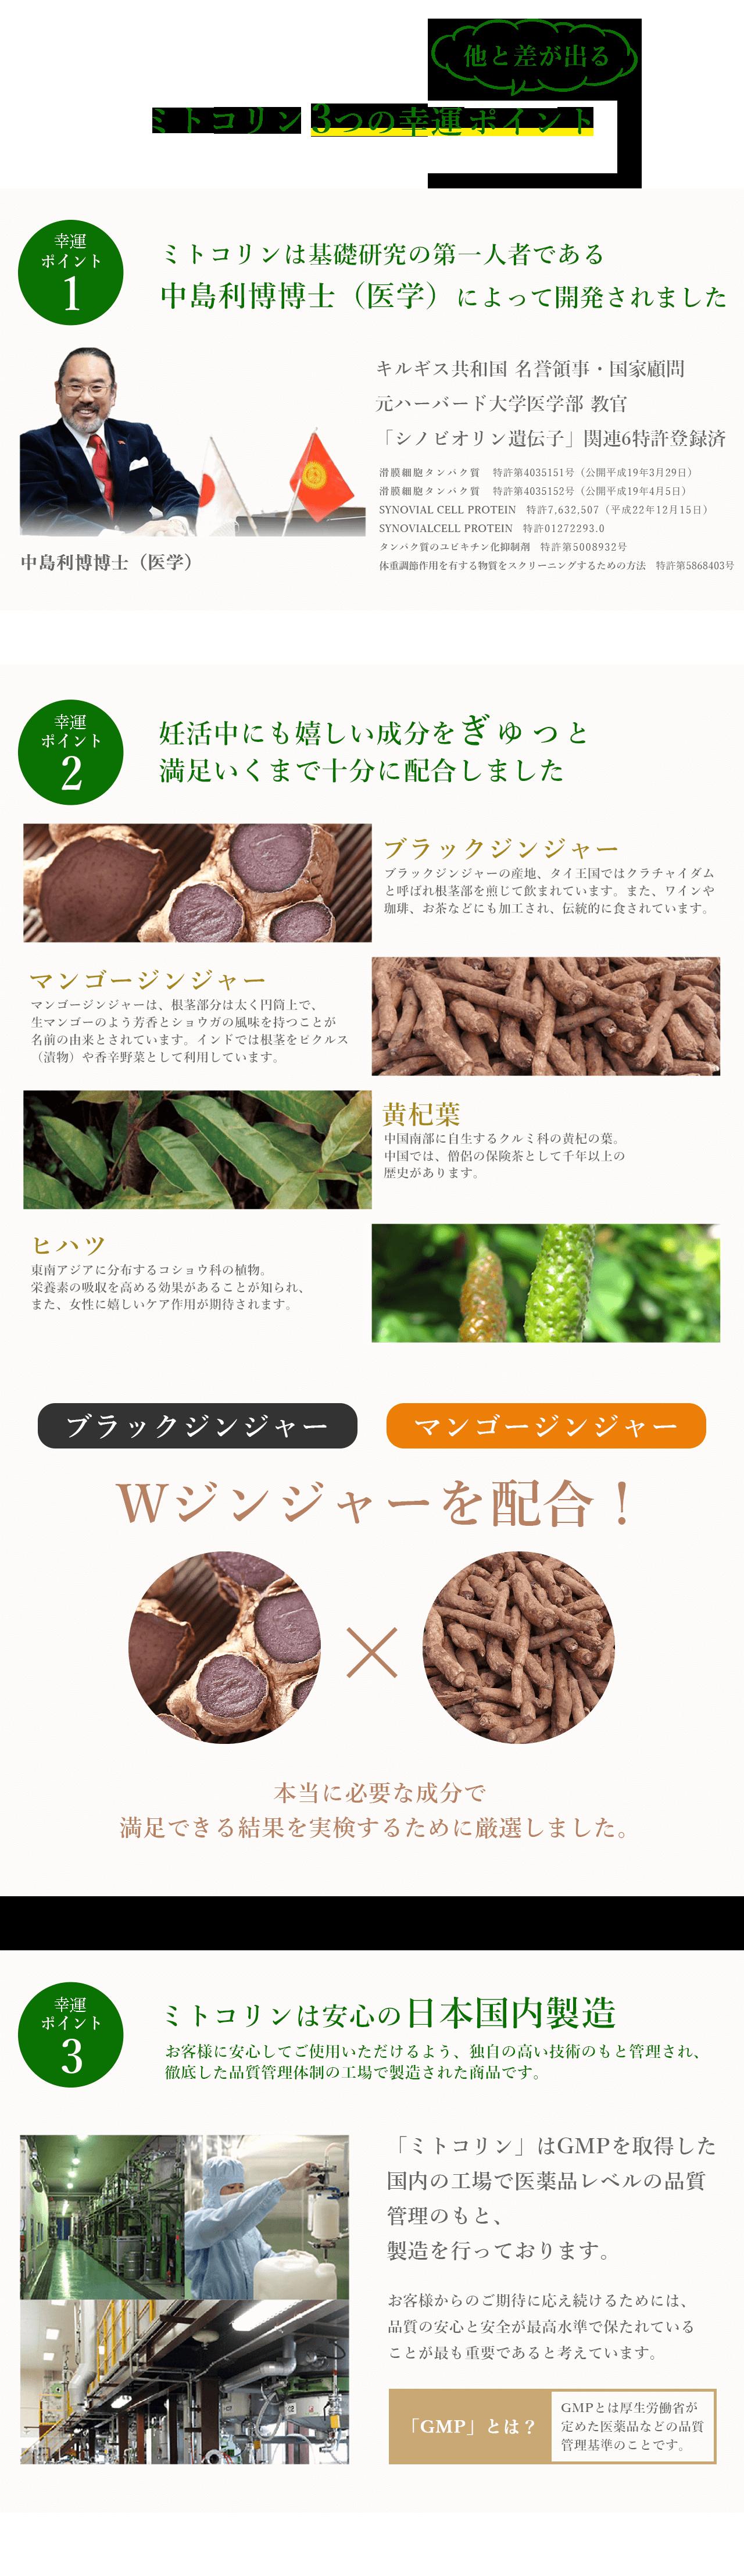 中島利博博士(医学)開発のミトコンドリアの増殖と活性に基づく妊活サプリ「MITOCOLiN(ミトコリン)」。